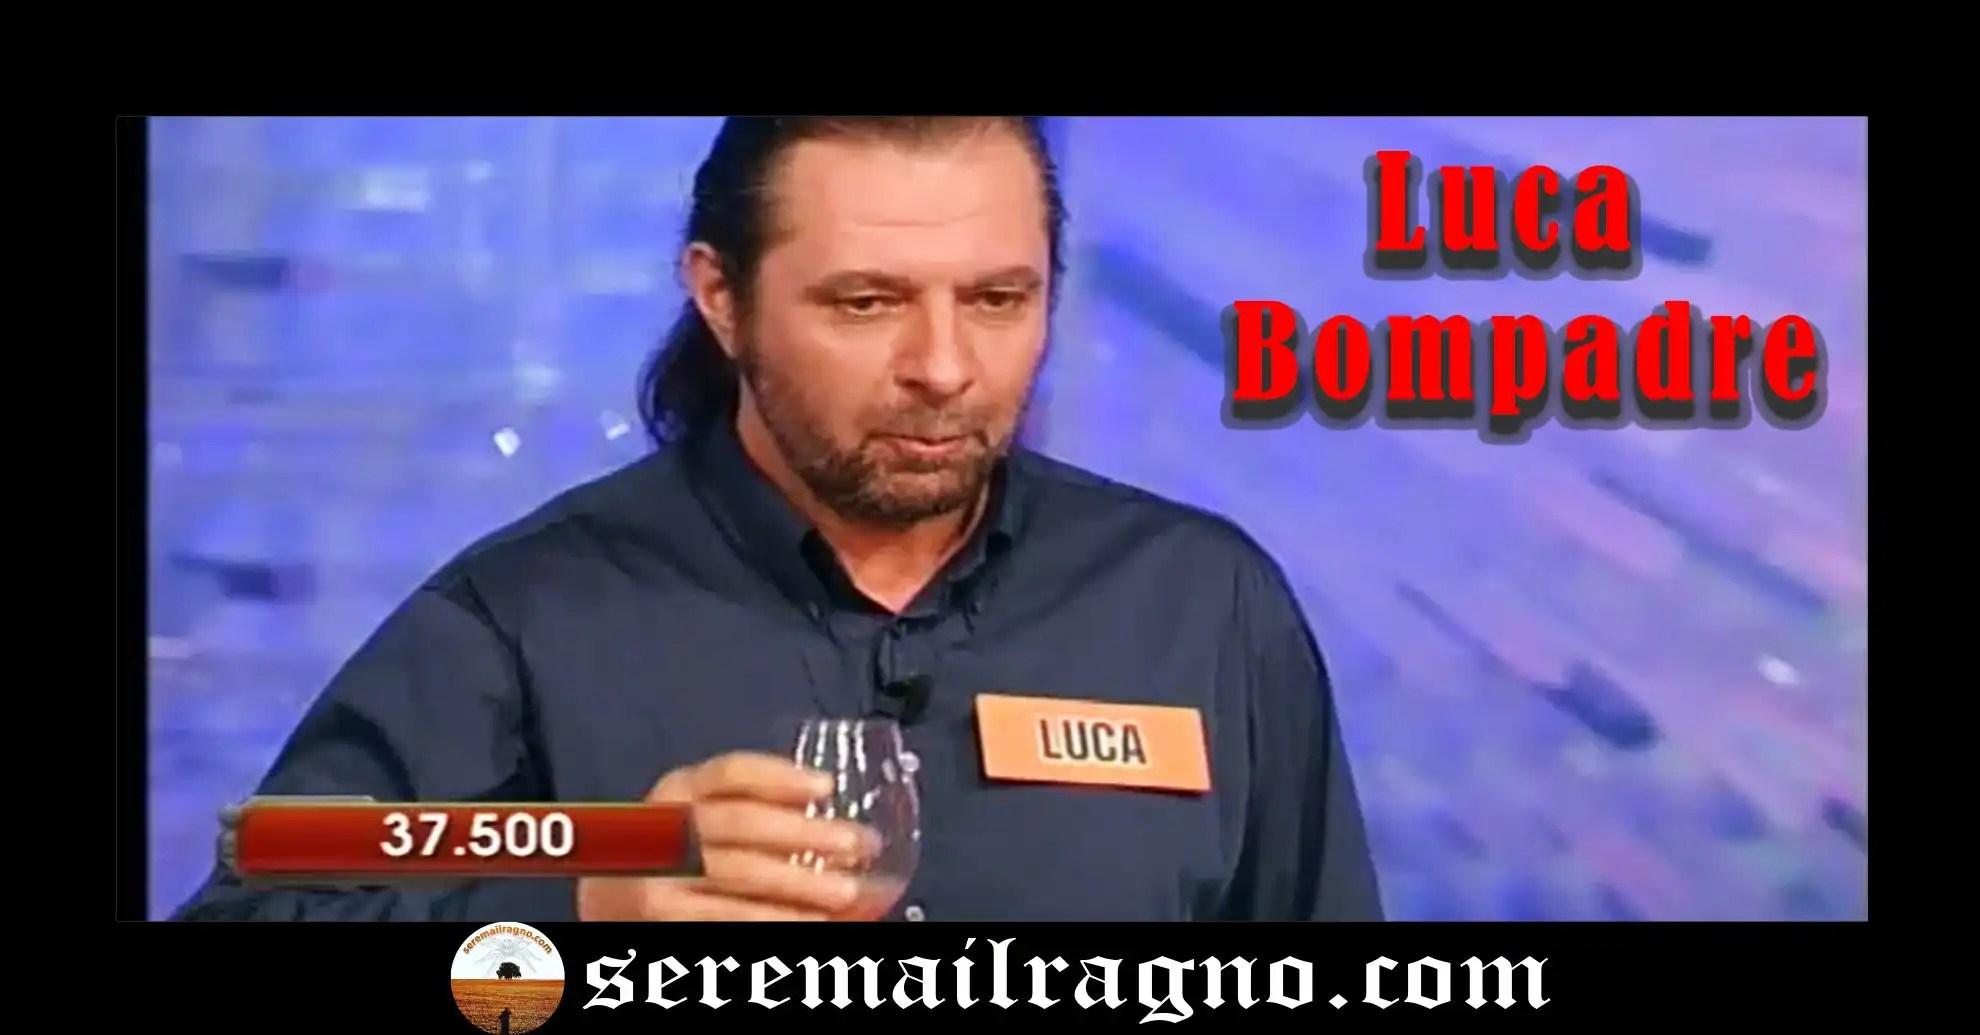 Luca Bompadre: il fenomeno diventato virale (video inedito della vittoria)